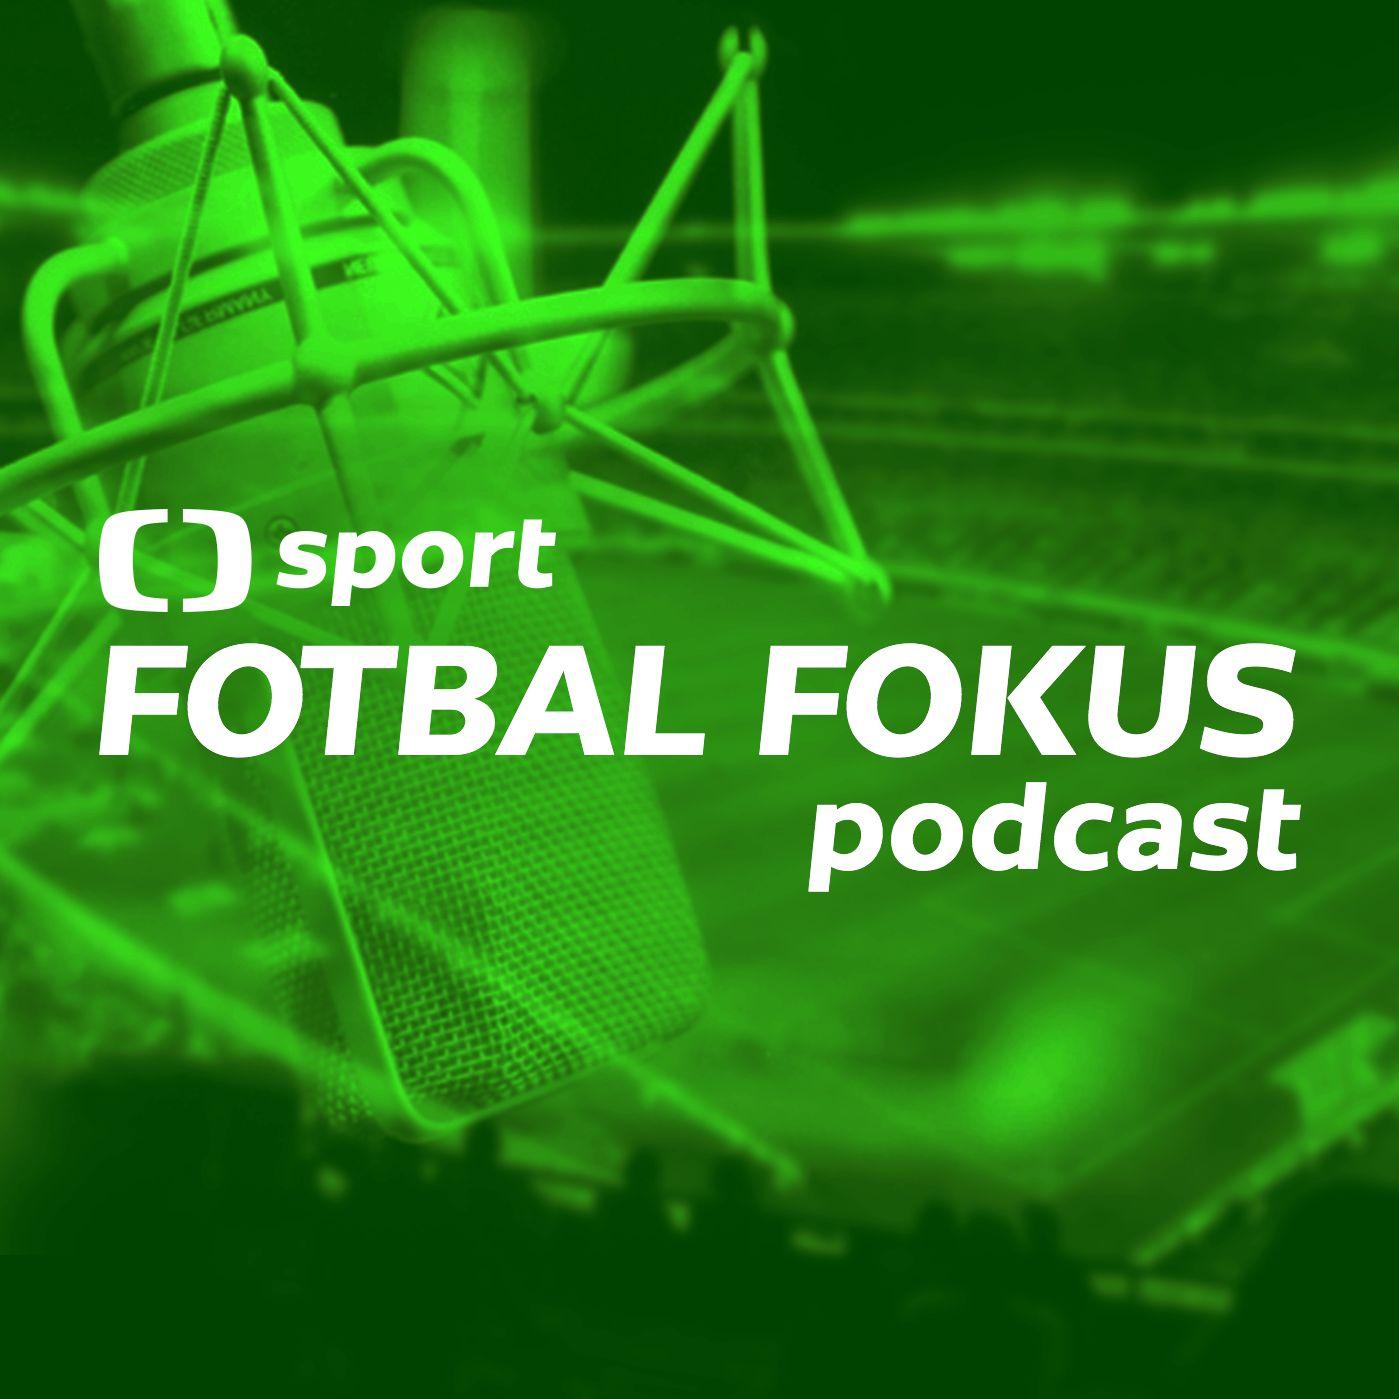 Fotbal fokus podcast: Kdo jsou největší favorité MS? A proč Itálie selhala?